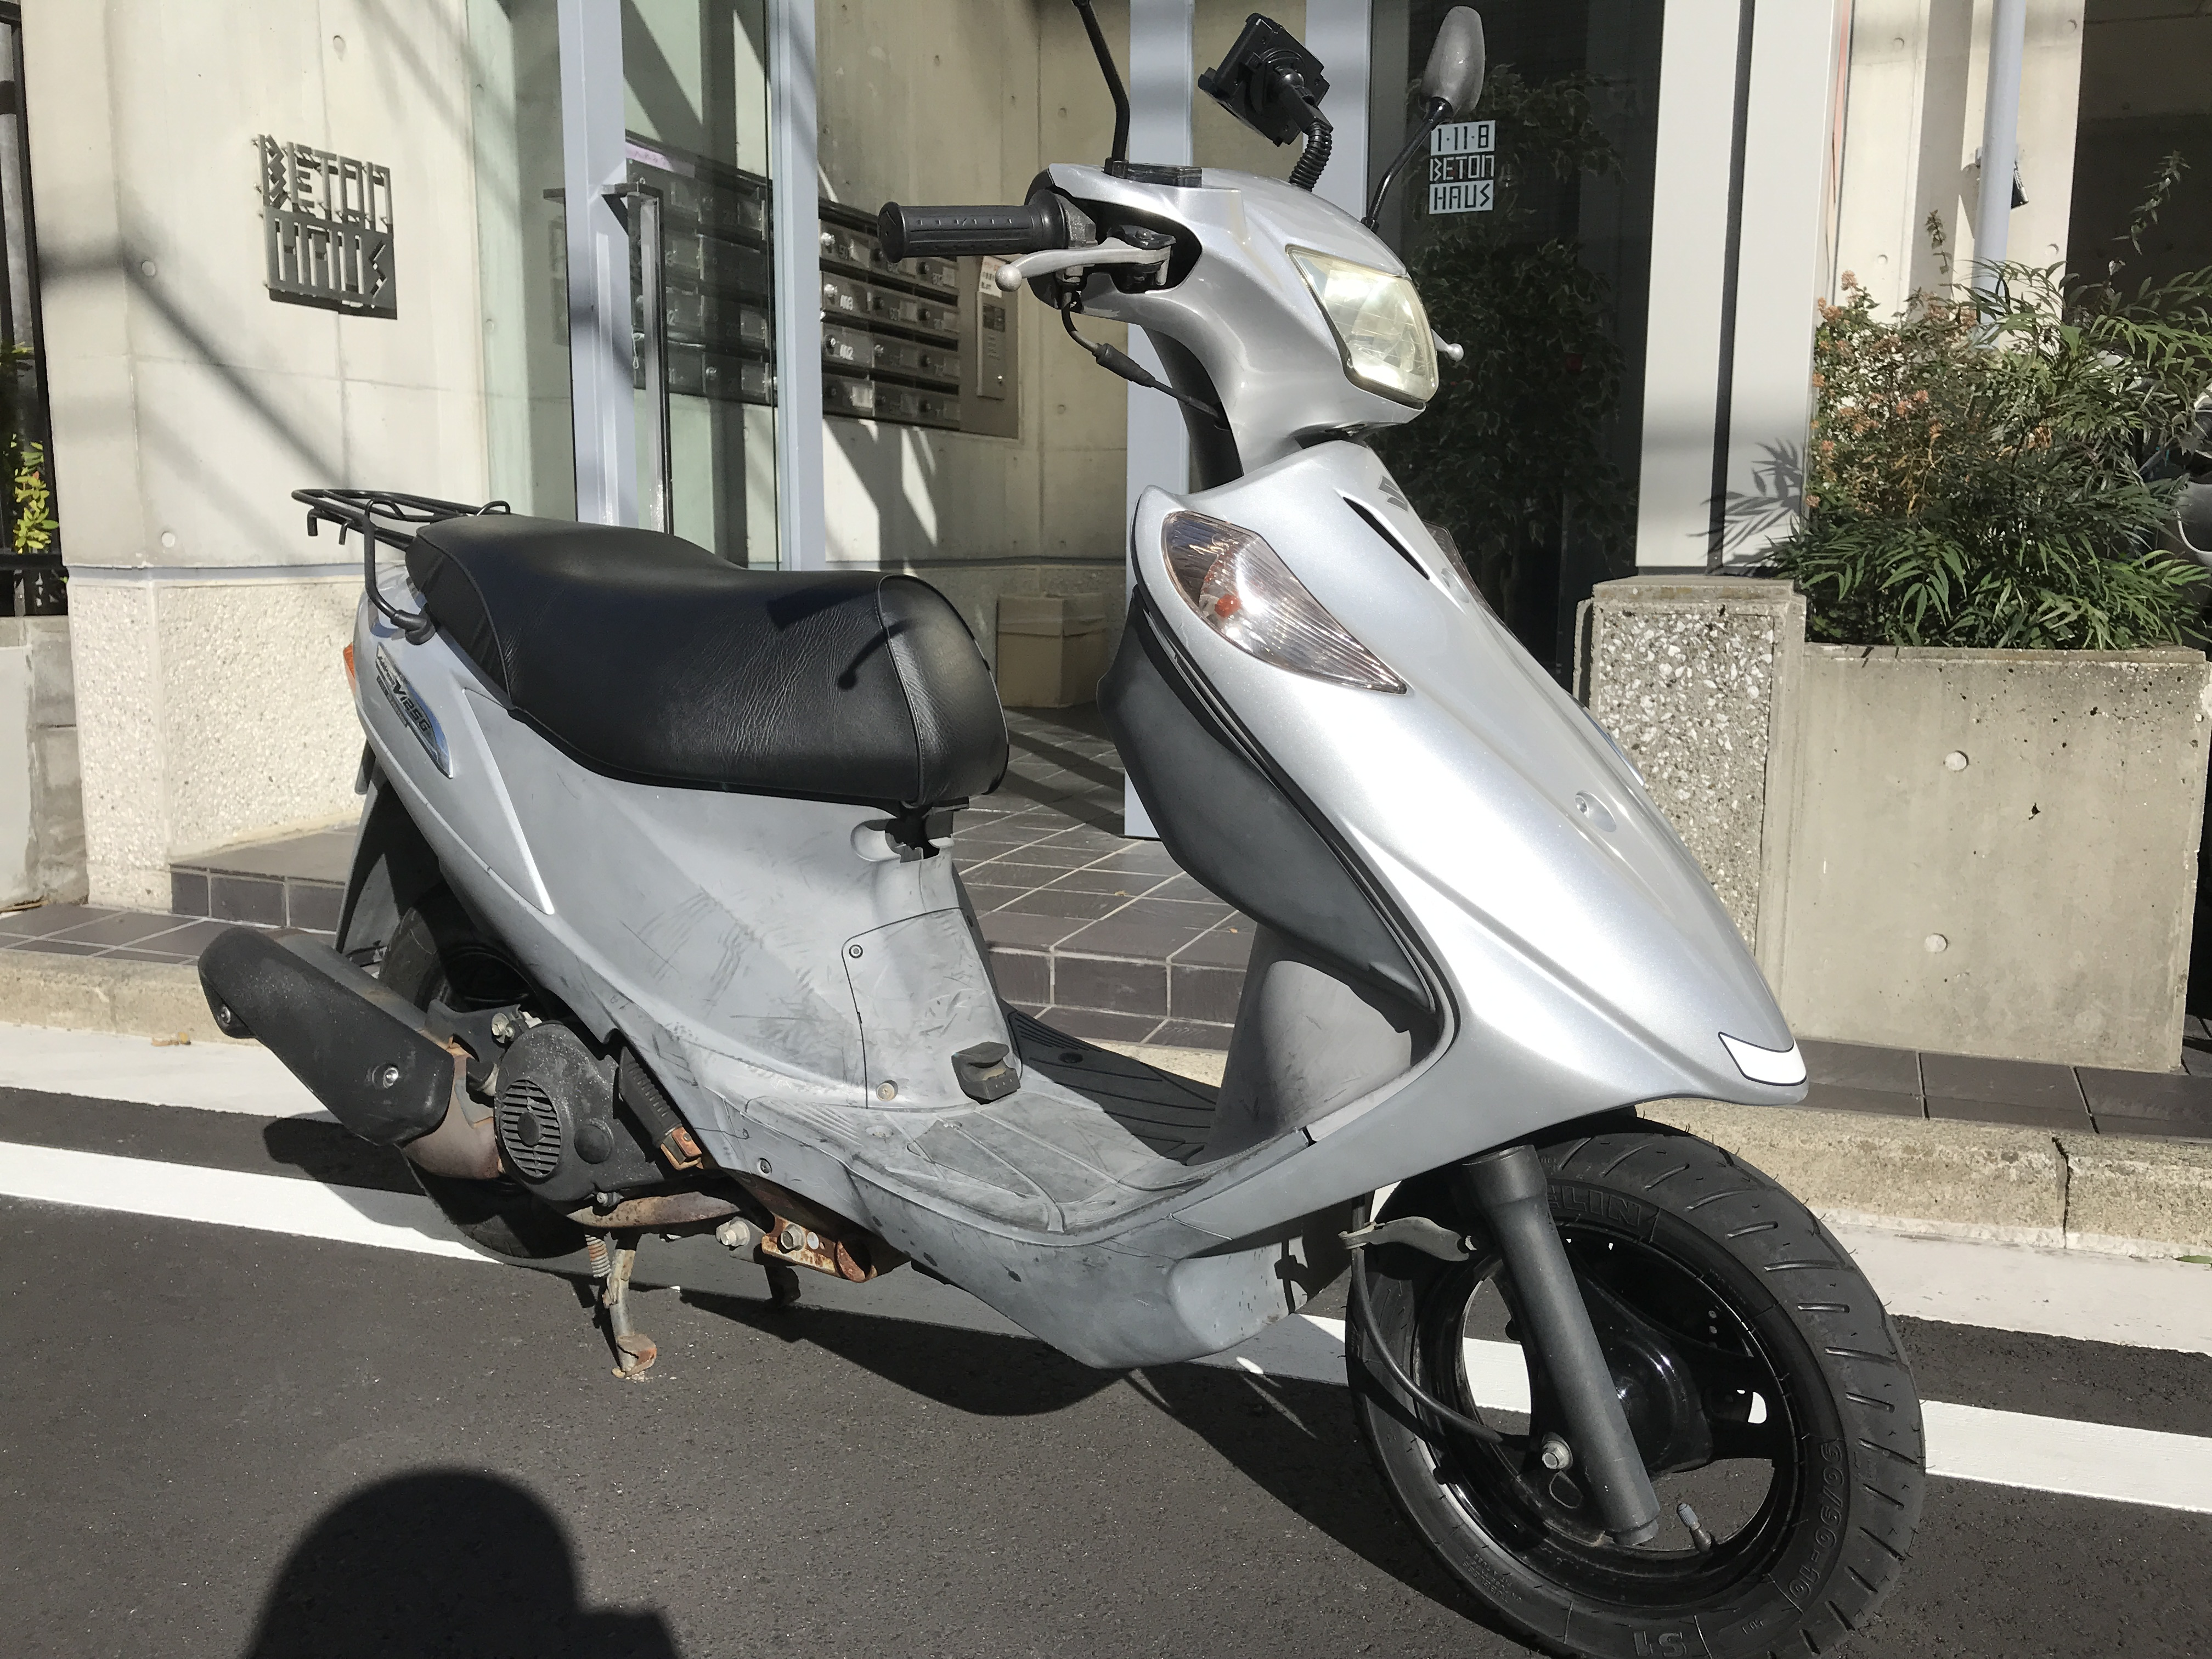 アドレスV125G (HN-00) - 【公式】レンタルバイクのベストBike® 八王子駅前